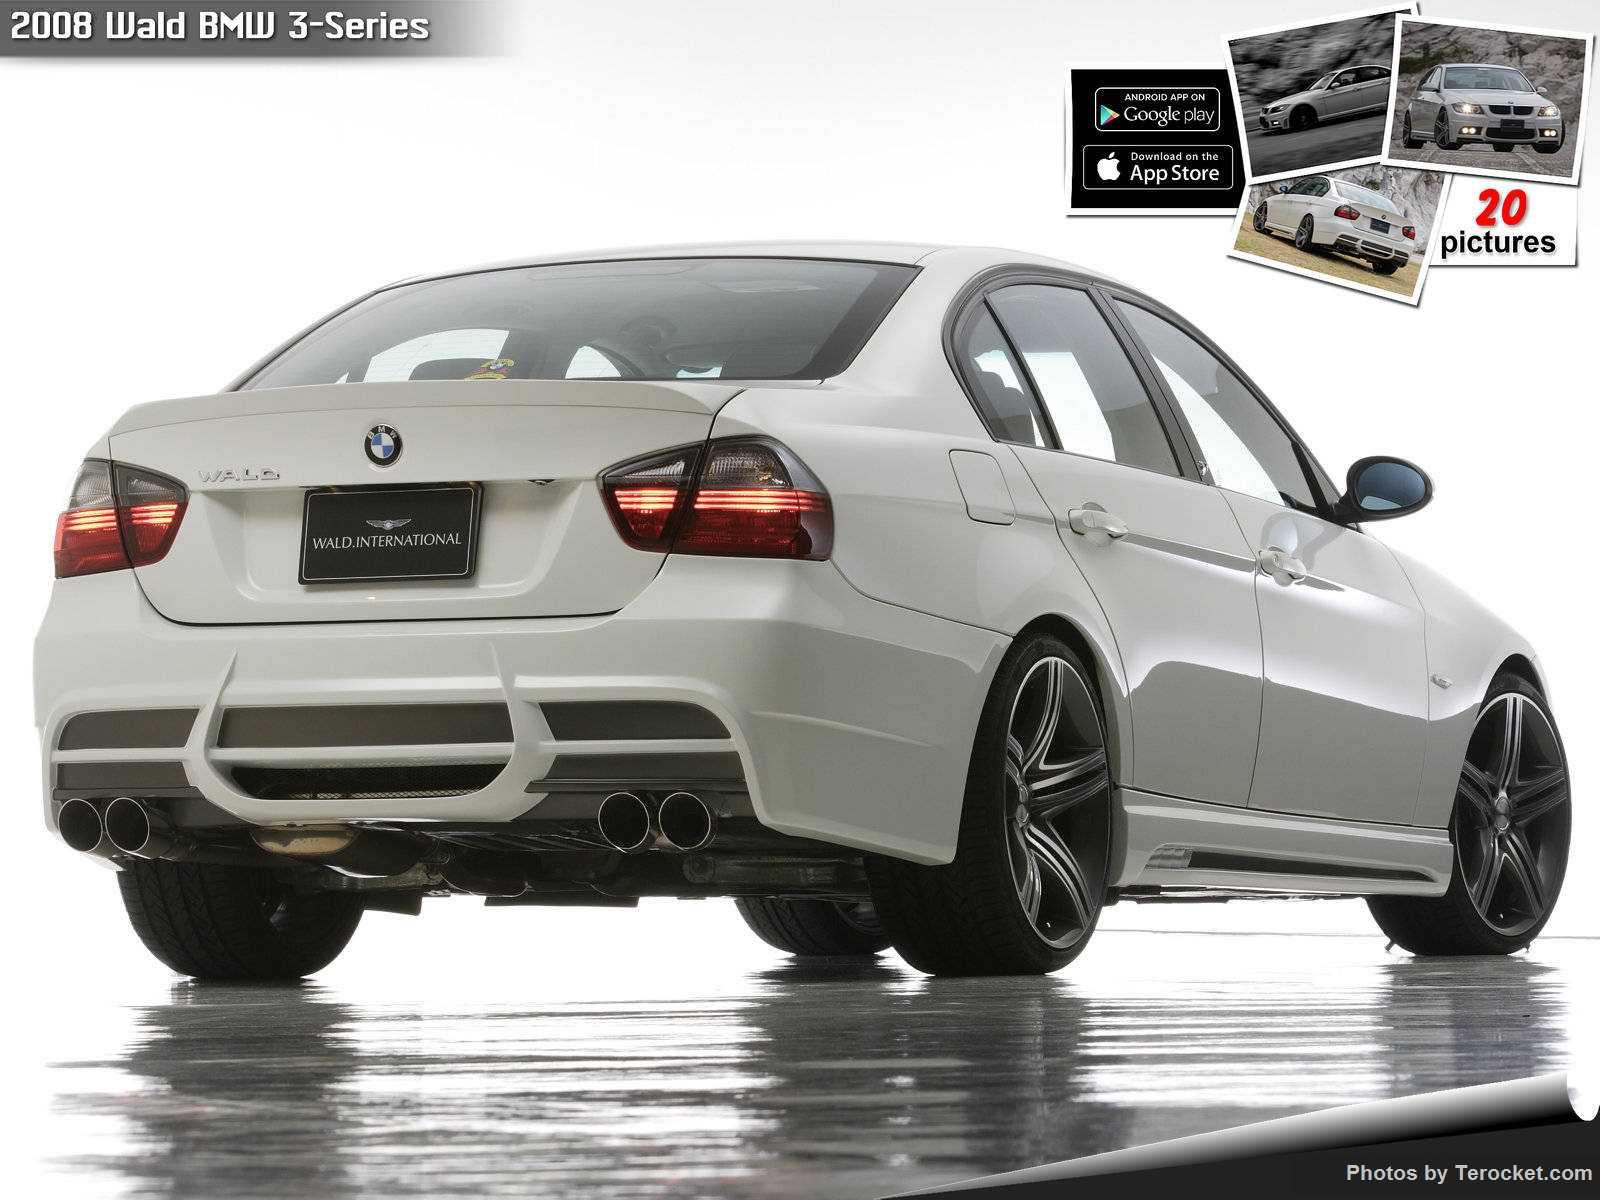 Hình ảnh xe độ Wald BMW 3-Series 2008 & nội ngoại thất